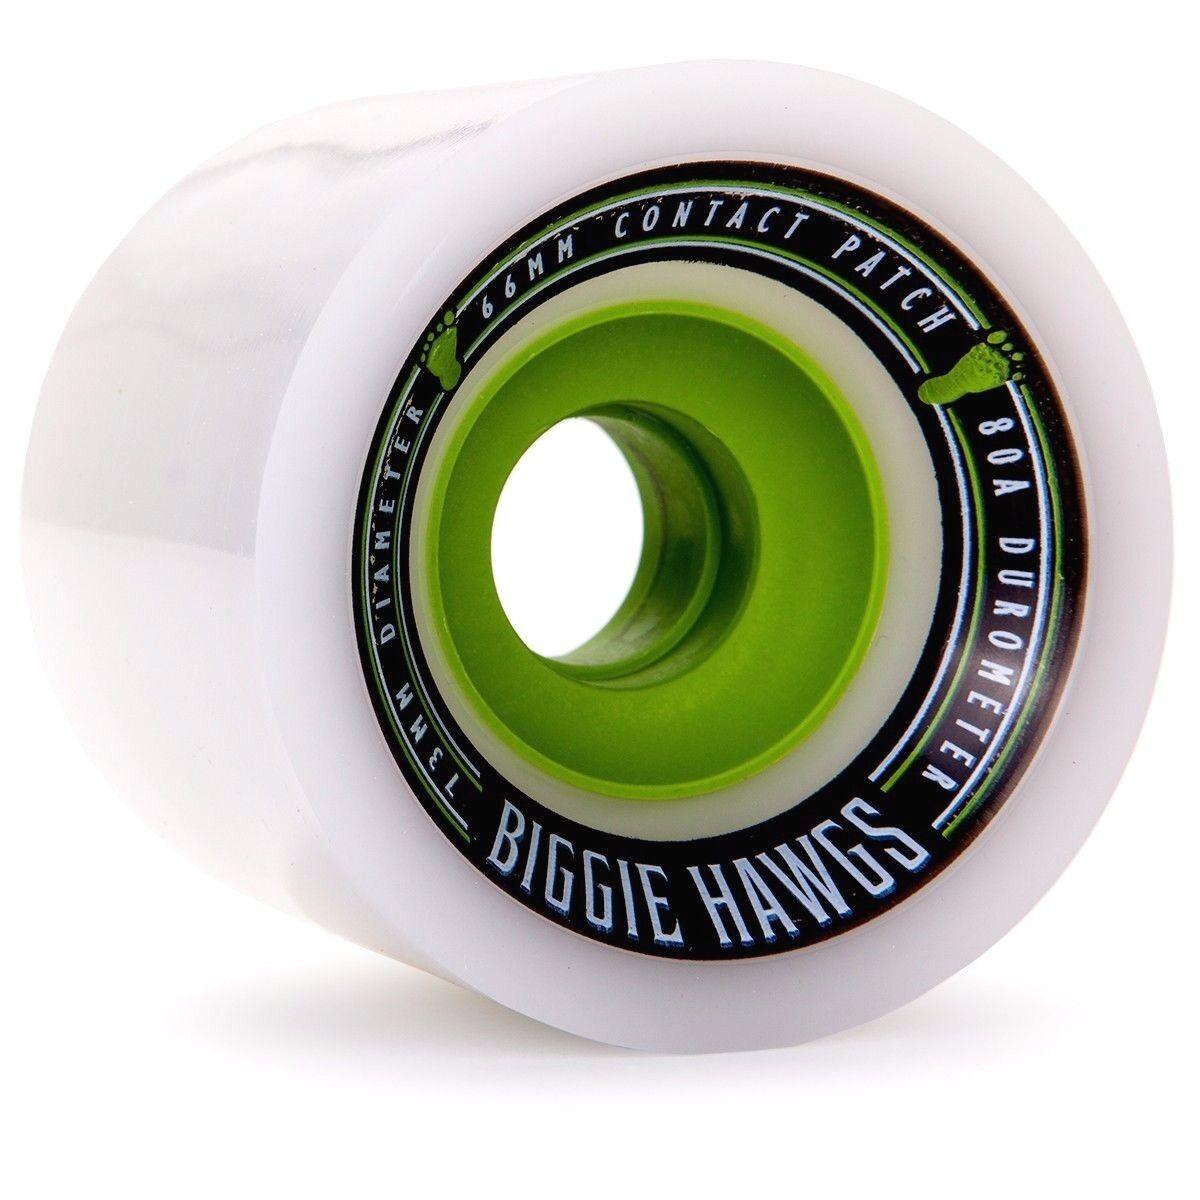 Landyachtz Biggie Hawgs 73mm 80a Pro Longboard Wheels White